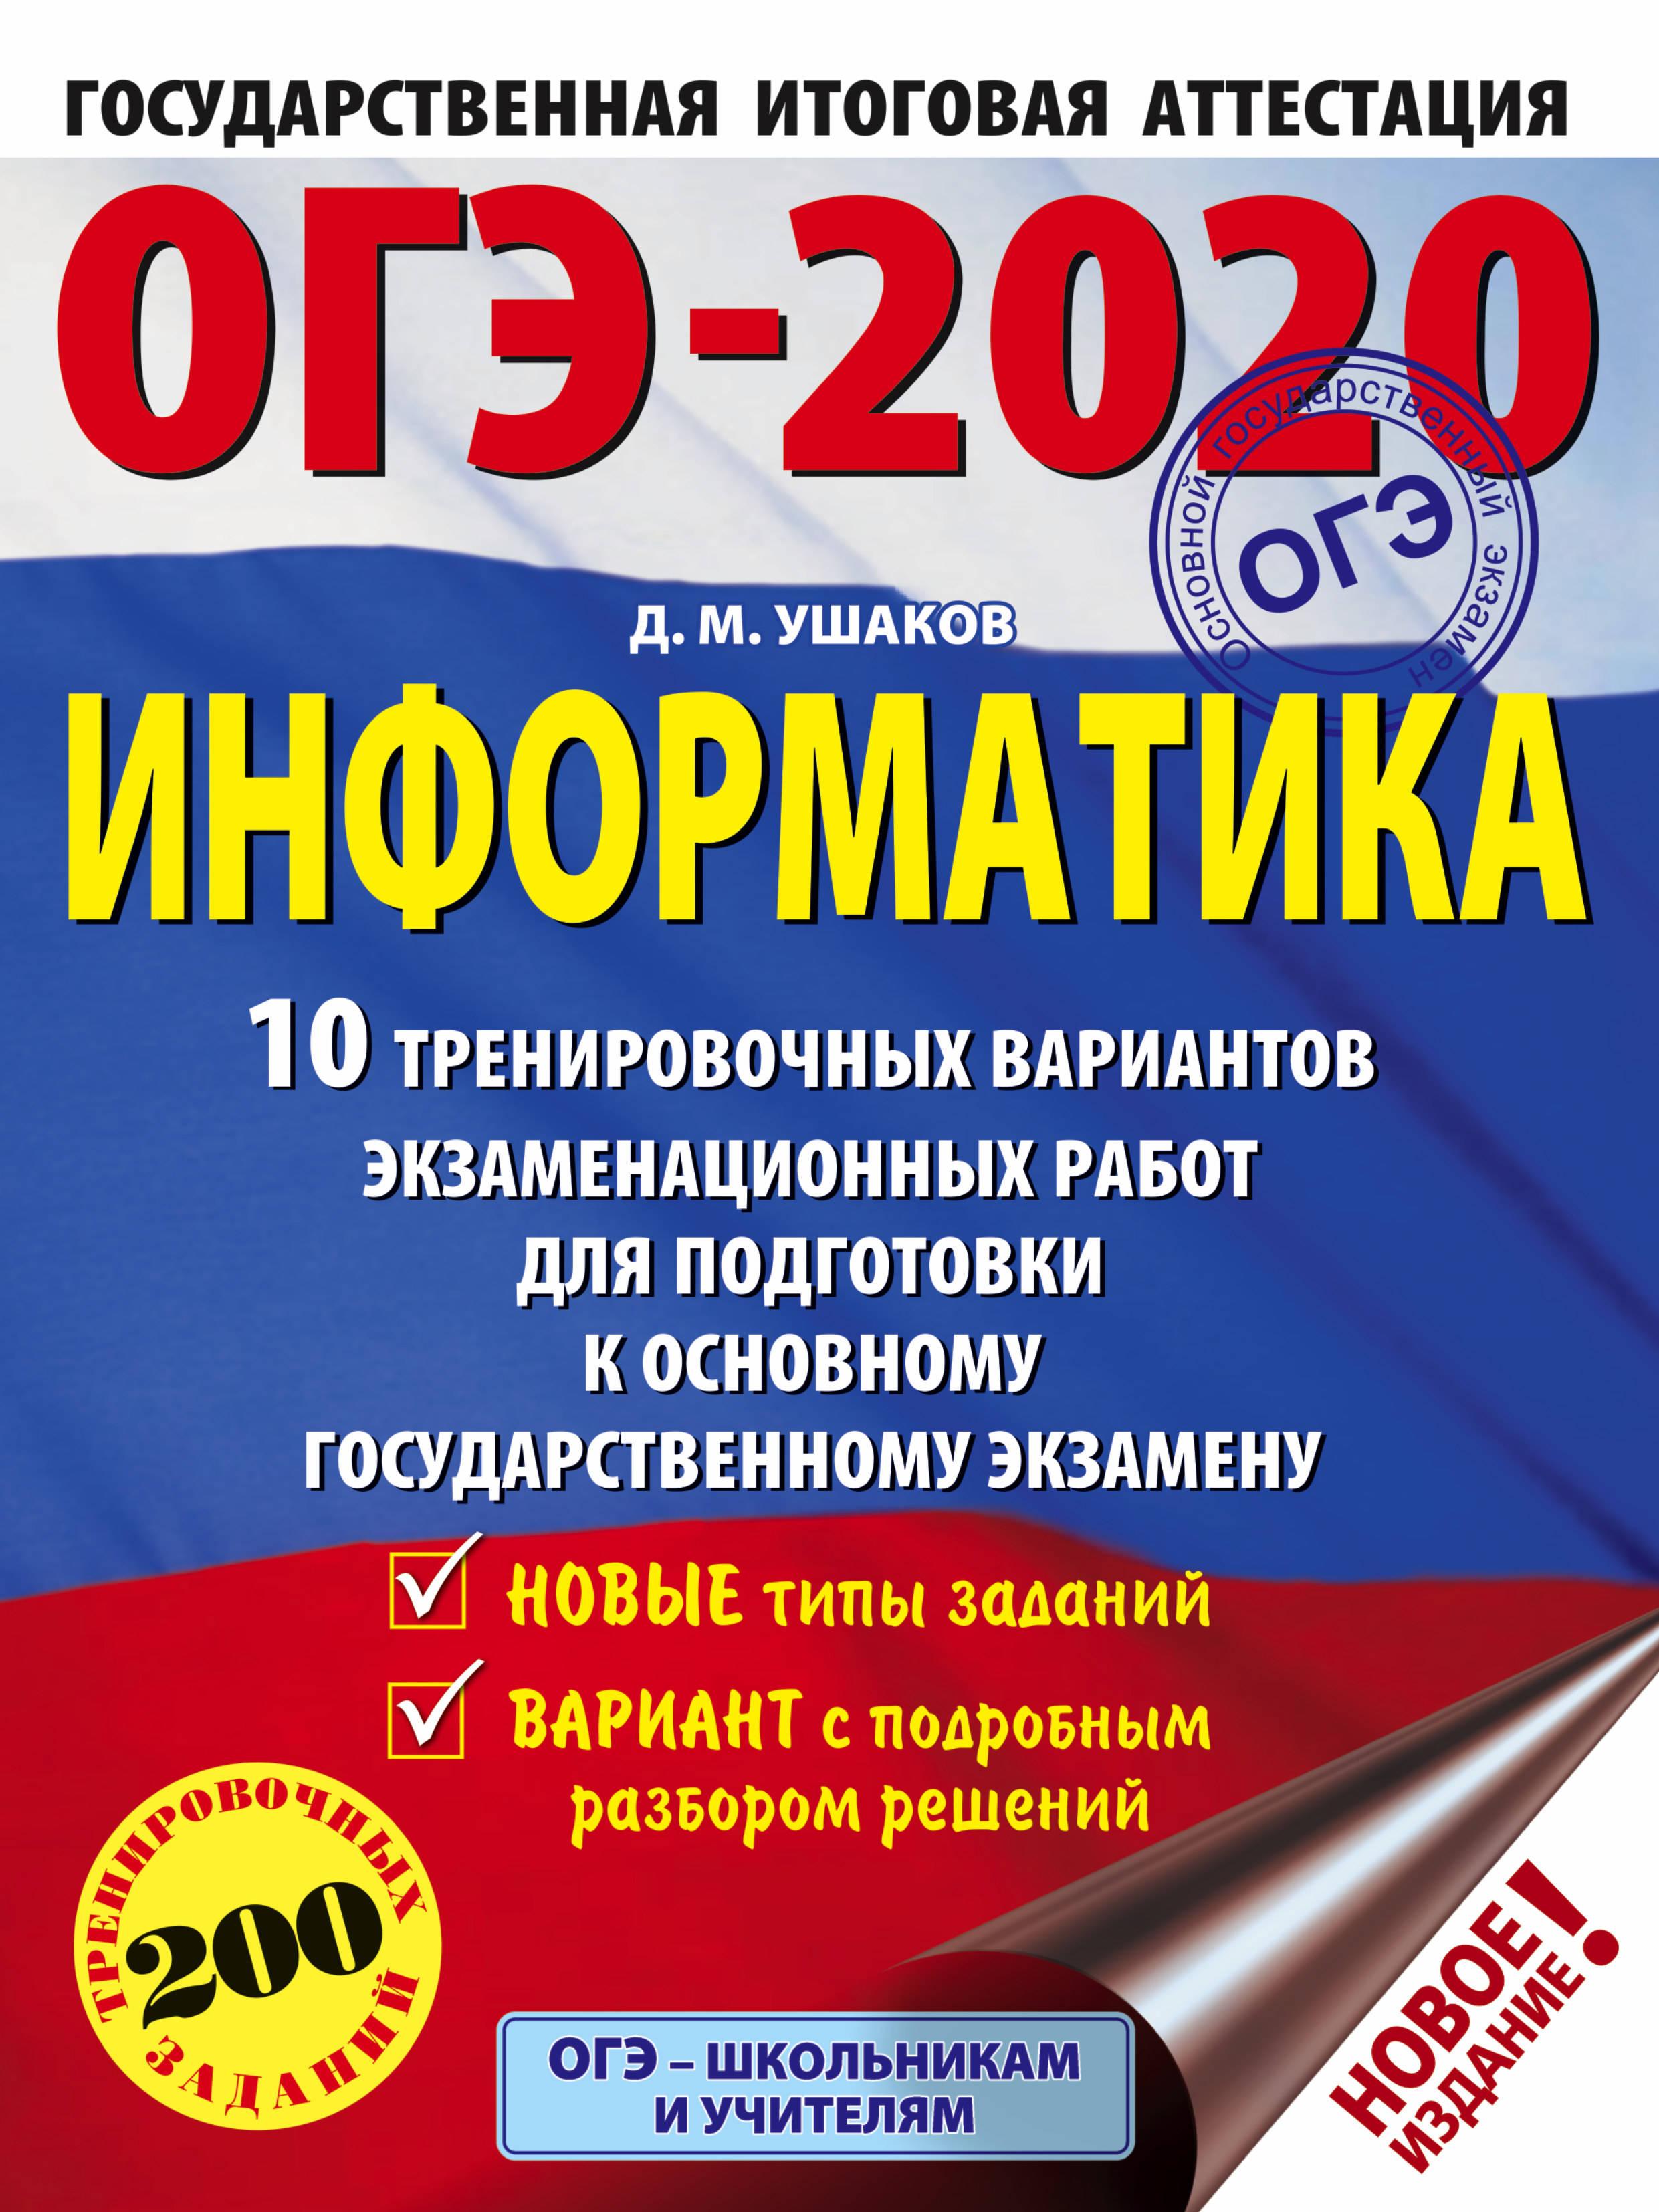 OGE-2020. Informatika (60kh84/8) 10 trenirovochnykh variantov ekzamenatsionnykh rabot dlja podgotovki k osnovnomu gosudarstvennomu ekzamenu